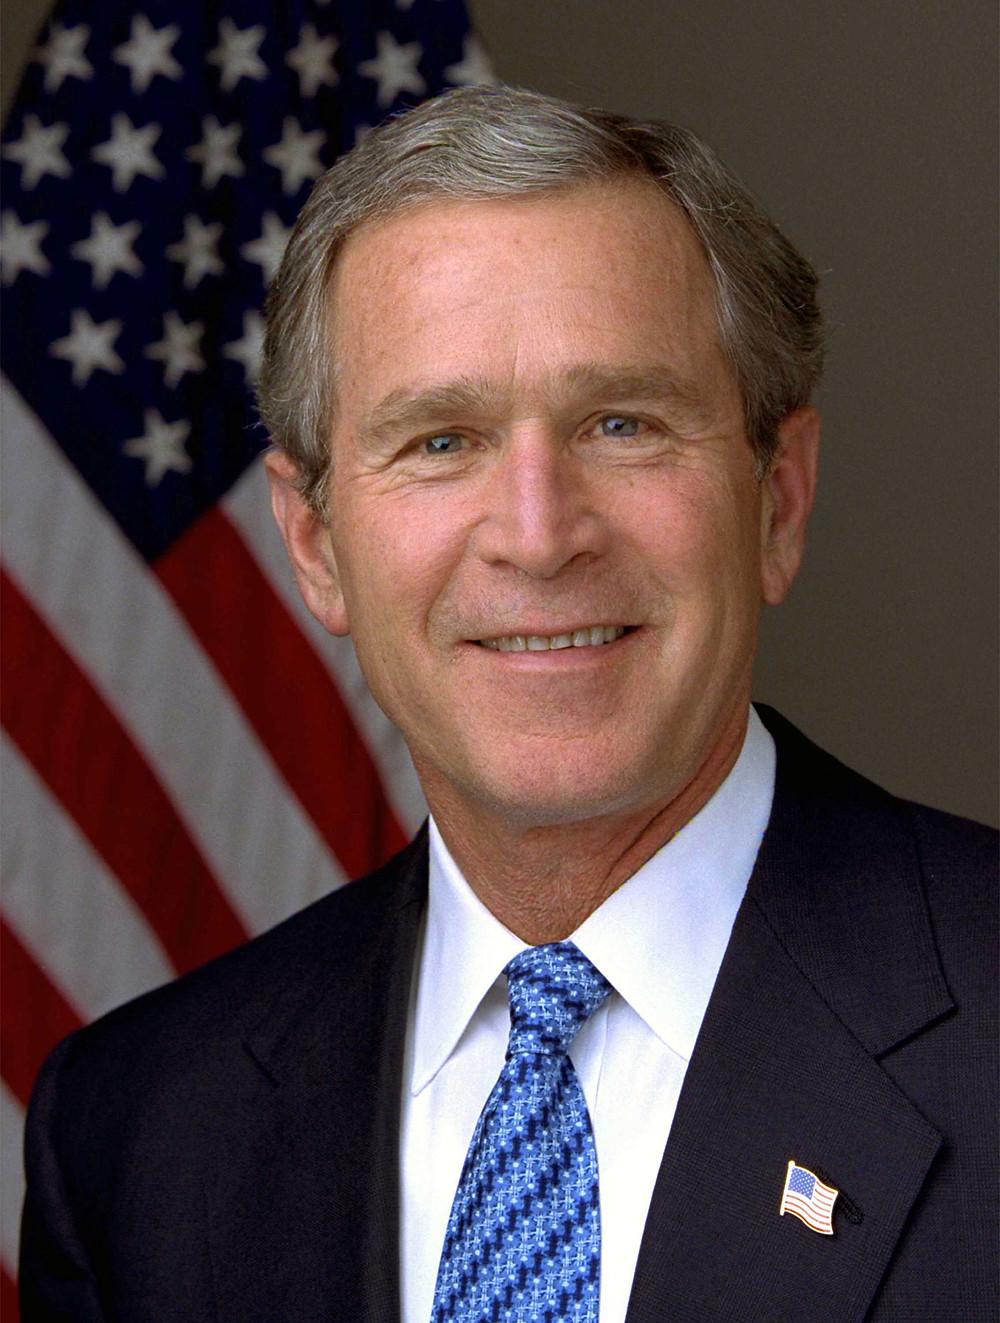 小布希(George Walker Bush)美國第43任總統